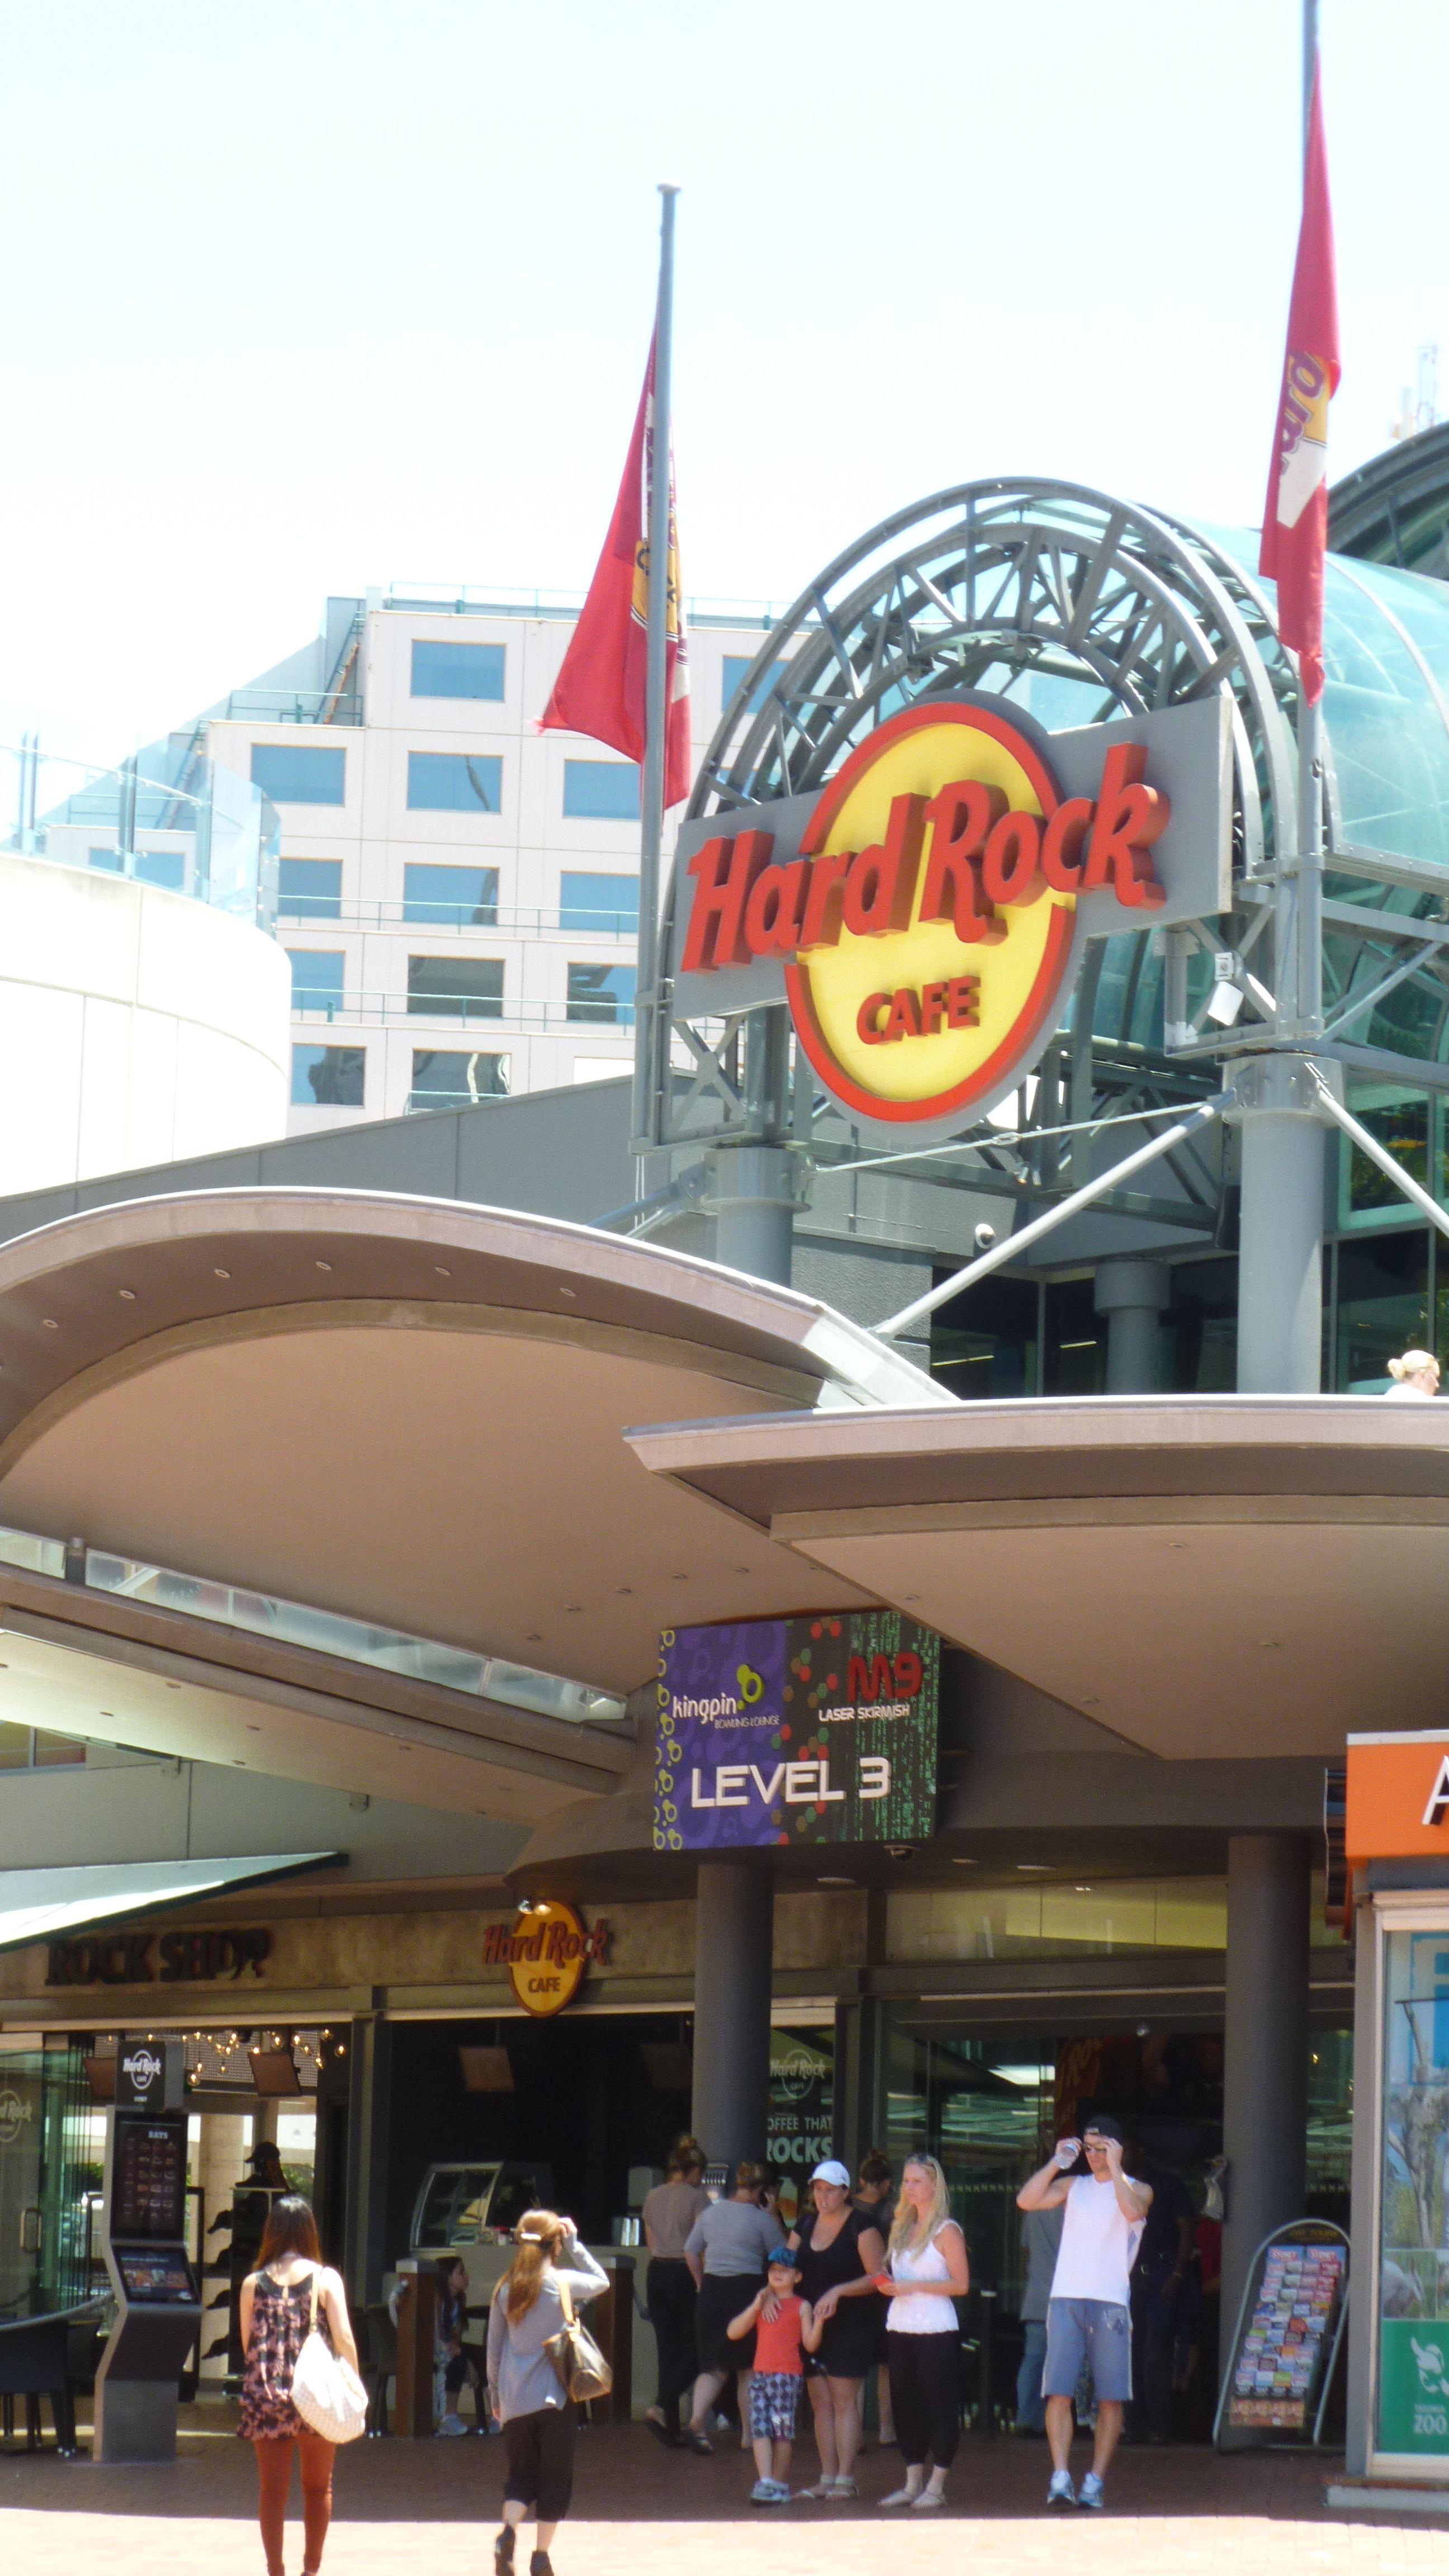 Hard rock cafe adelaide